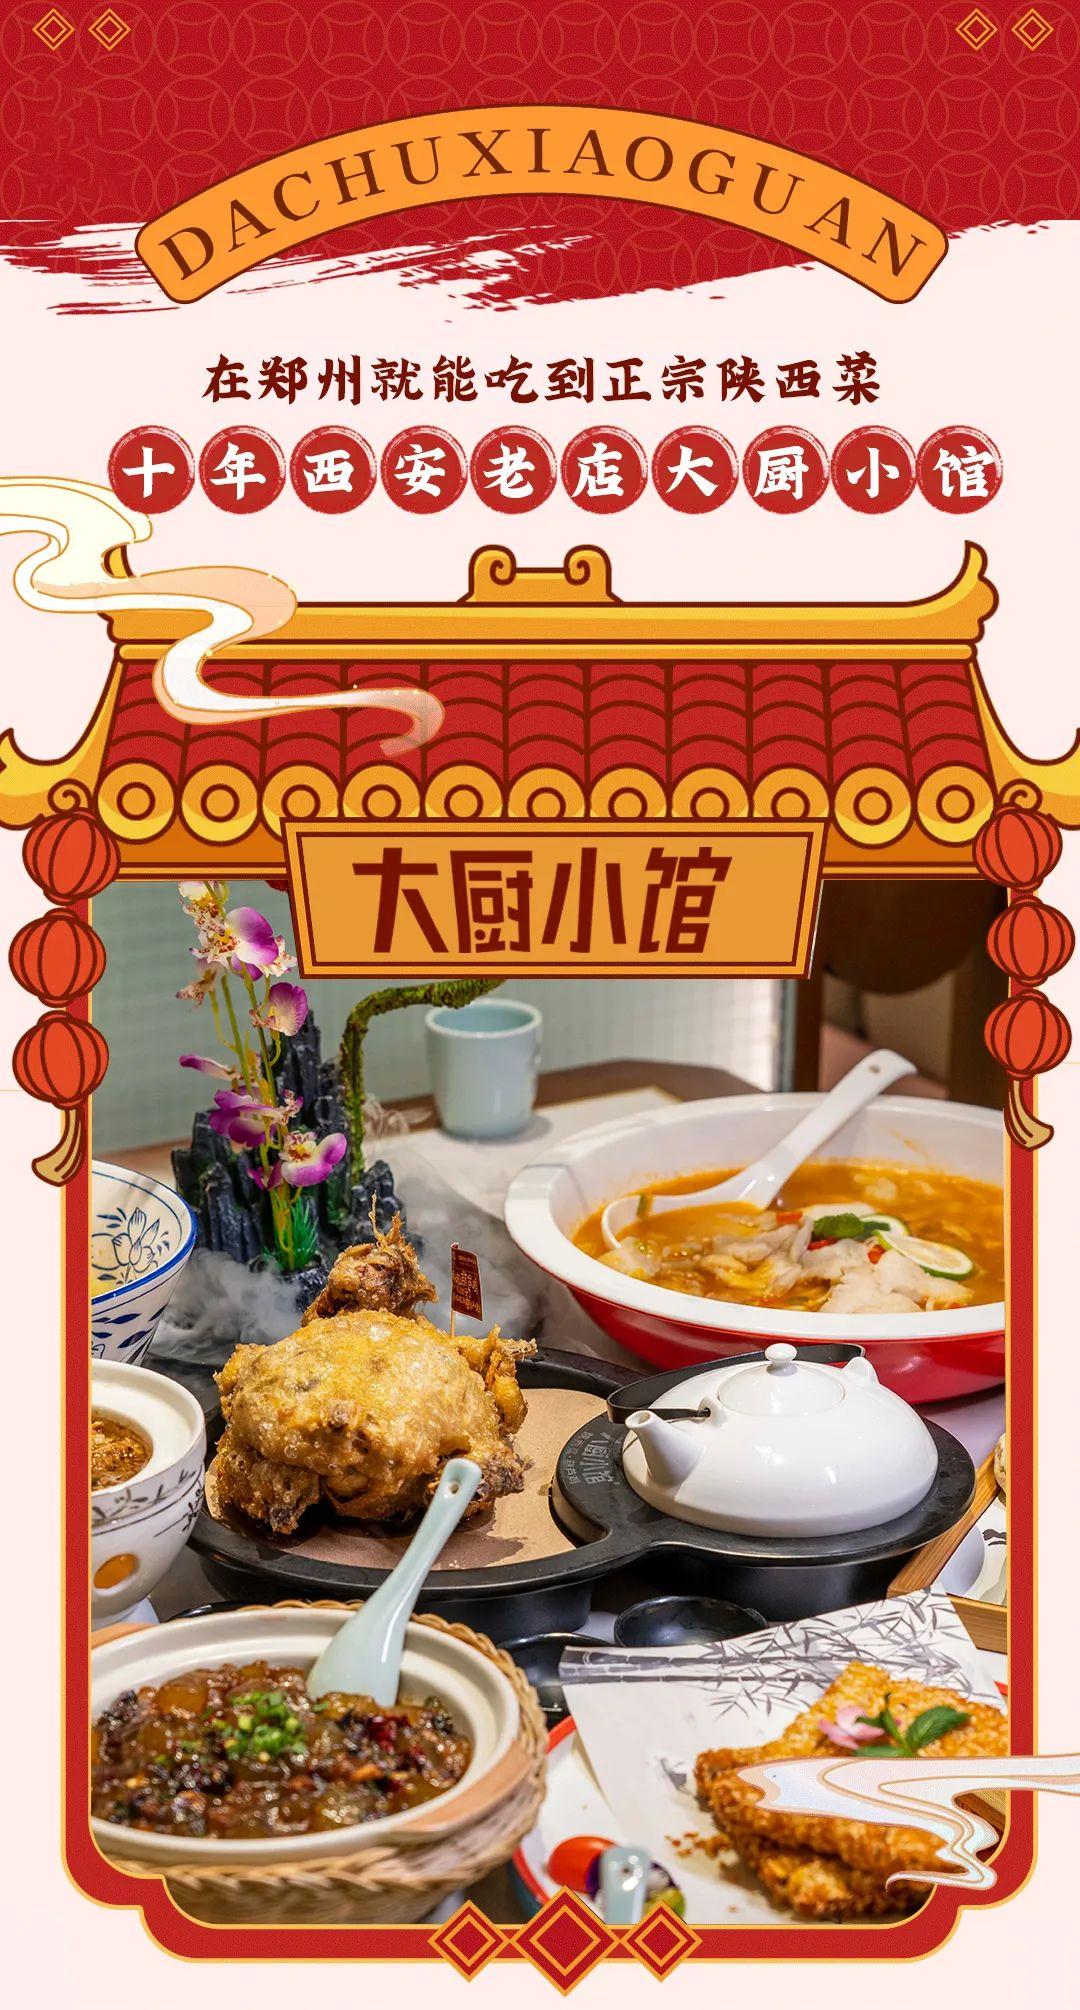 新客3.9折尝鲜,央视大热剧《装台》中的美味居然出自这家大厨小馆的店